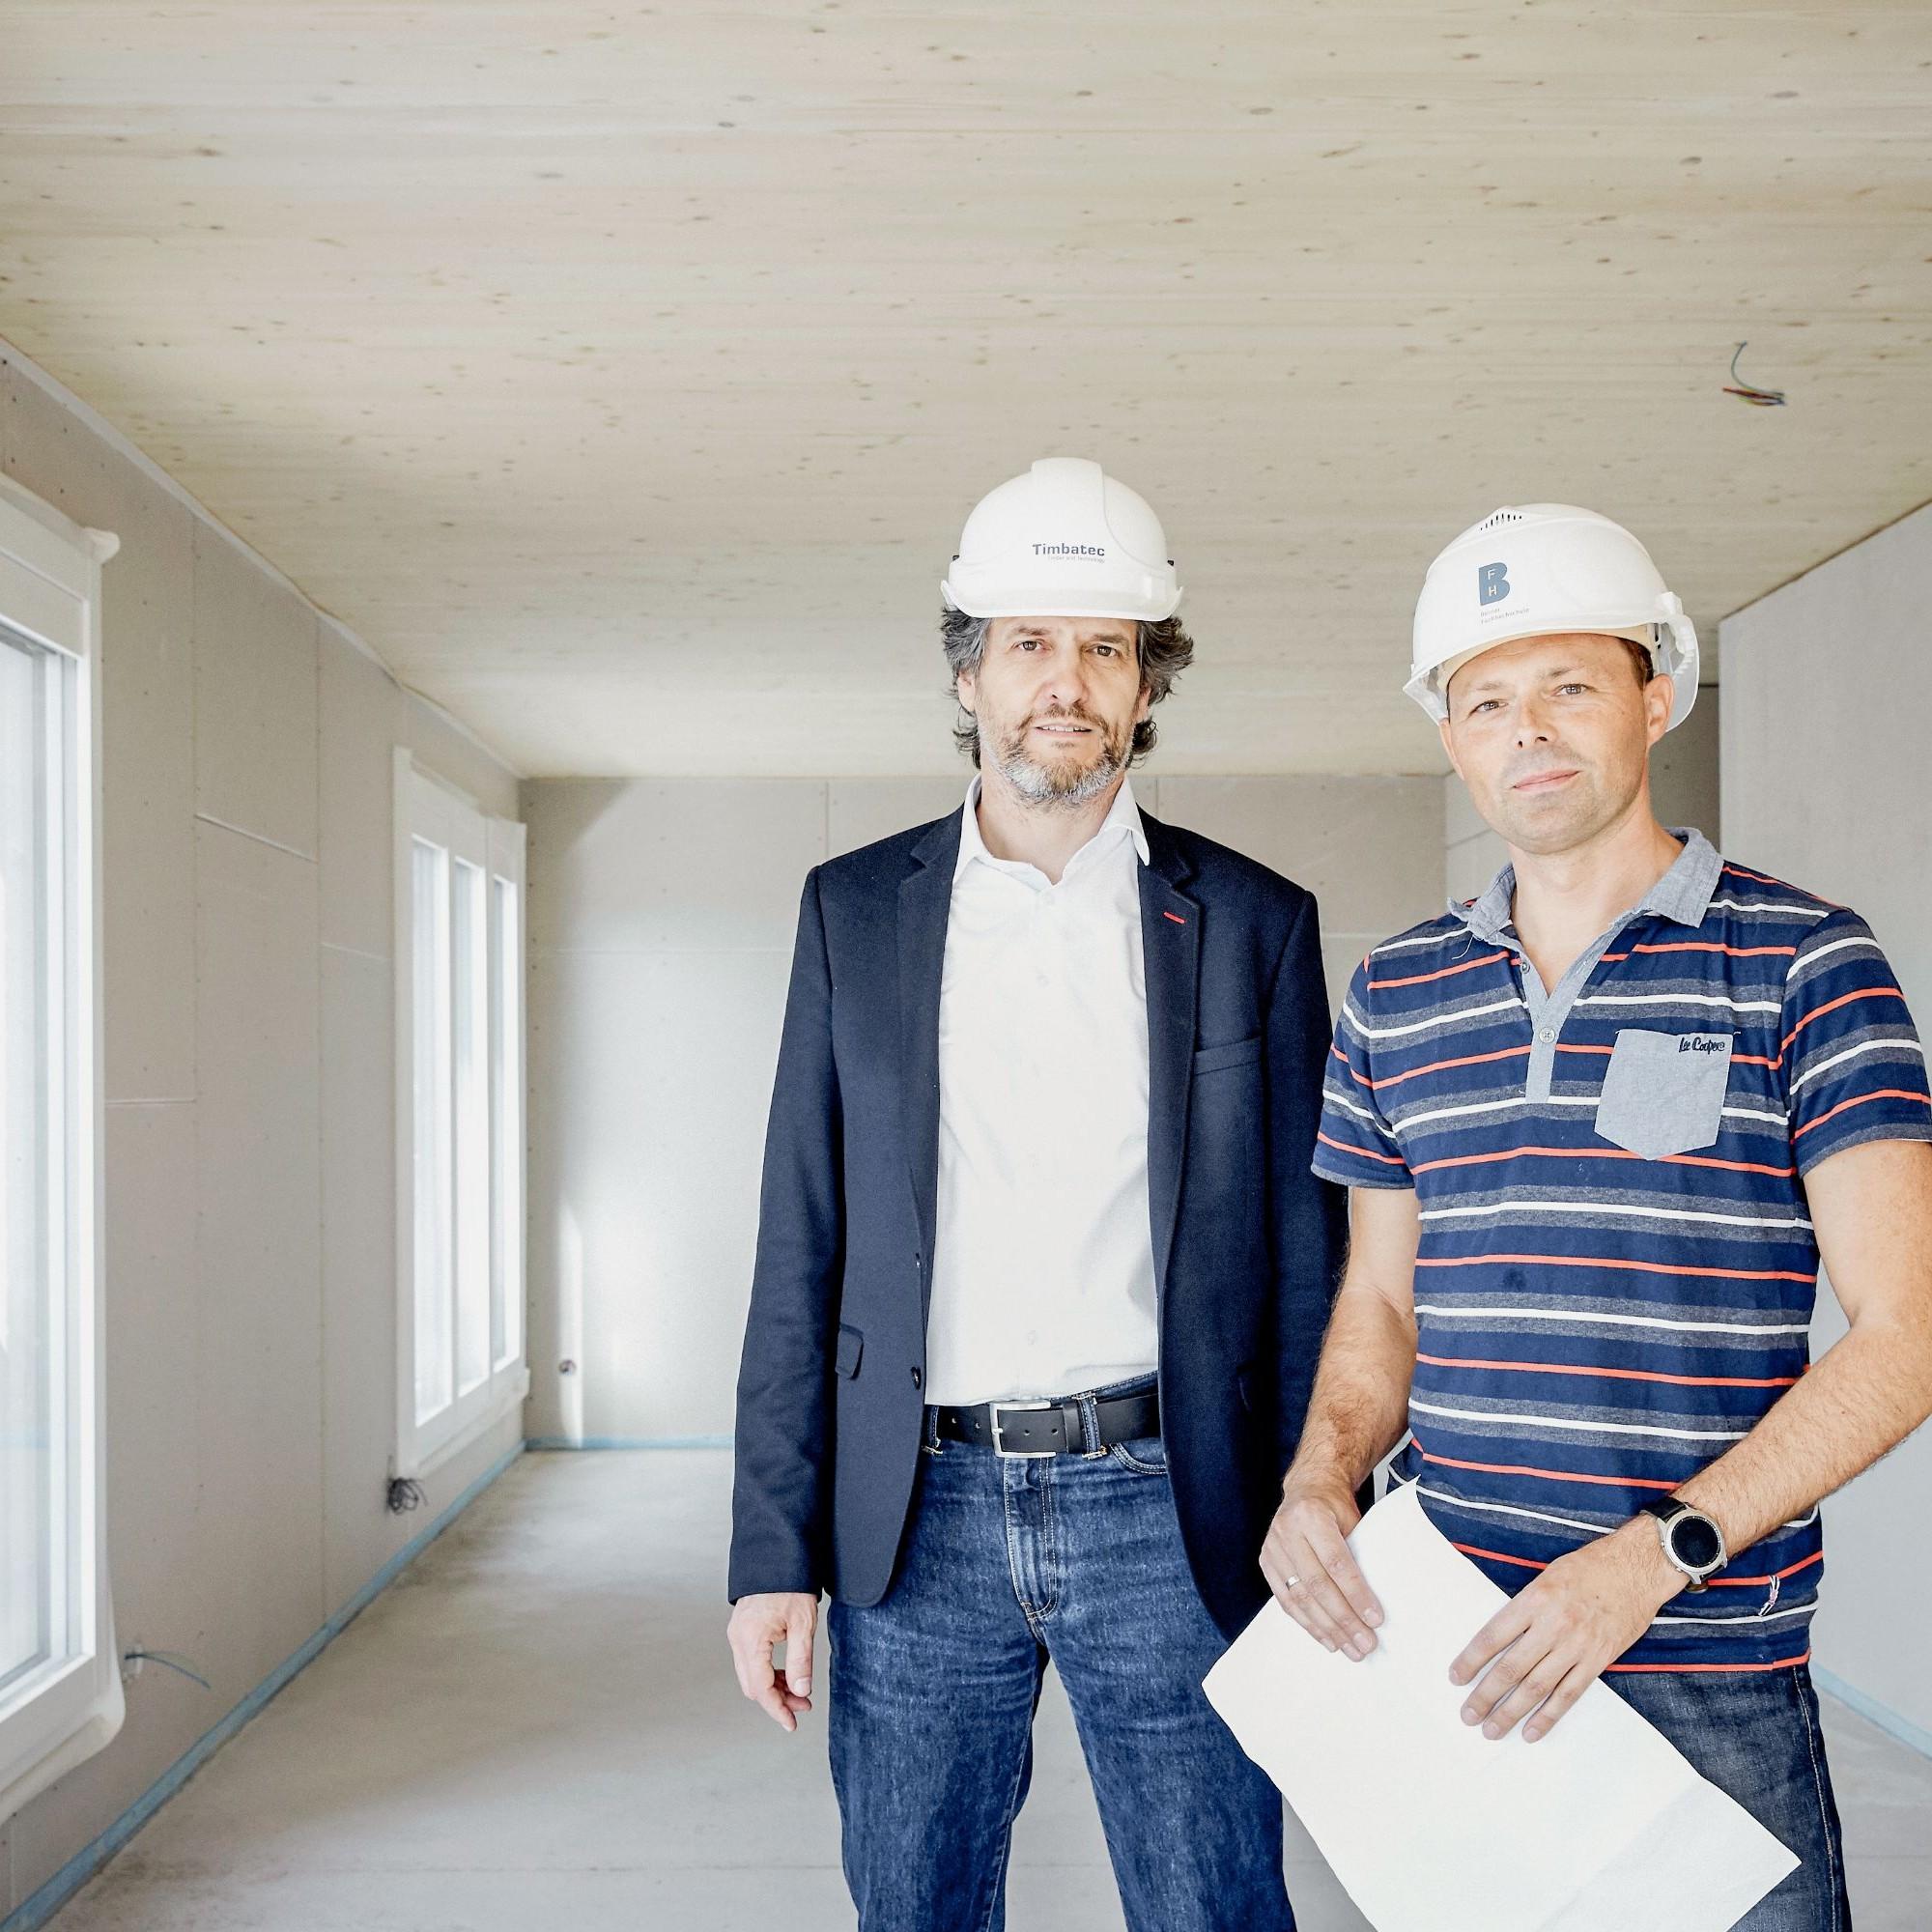 Stefan Zöllig (links) und Steffen Franke auf der Baustelle in Grossaffoltern. Hier wurde die Geschossdecke mit der neuen TS3-Technologie hergestellt.